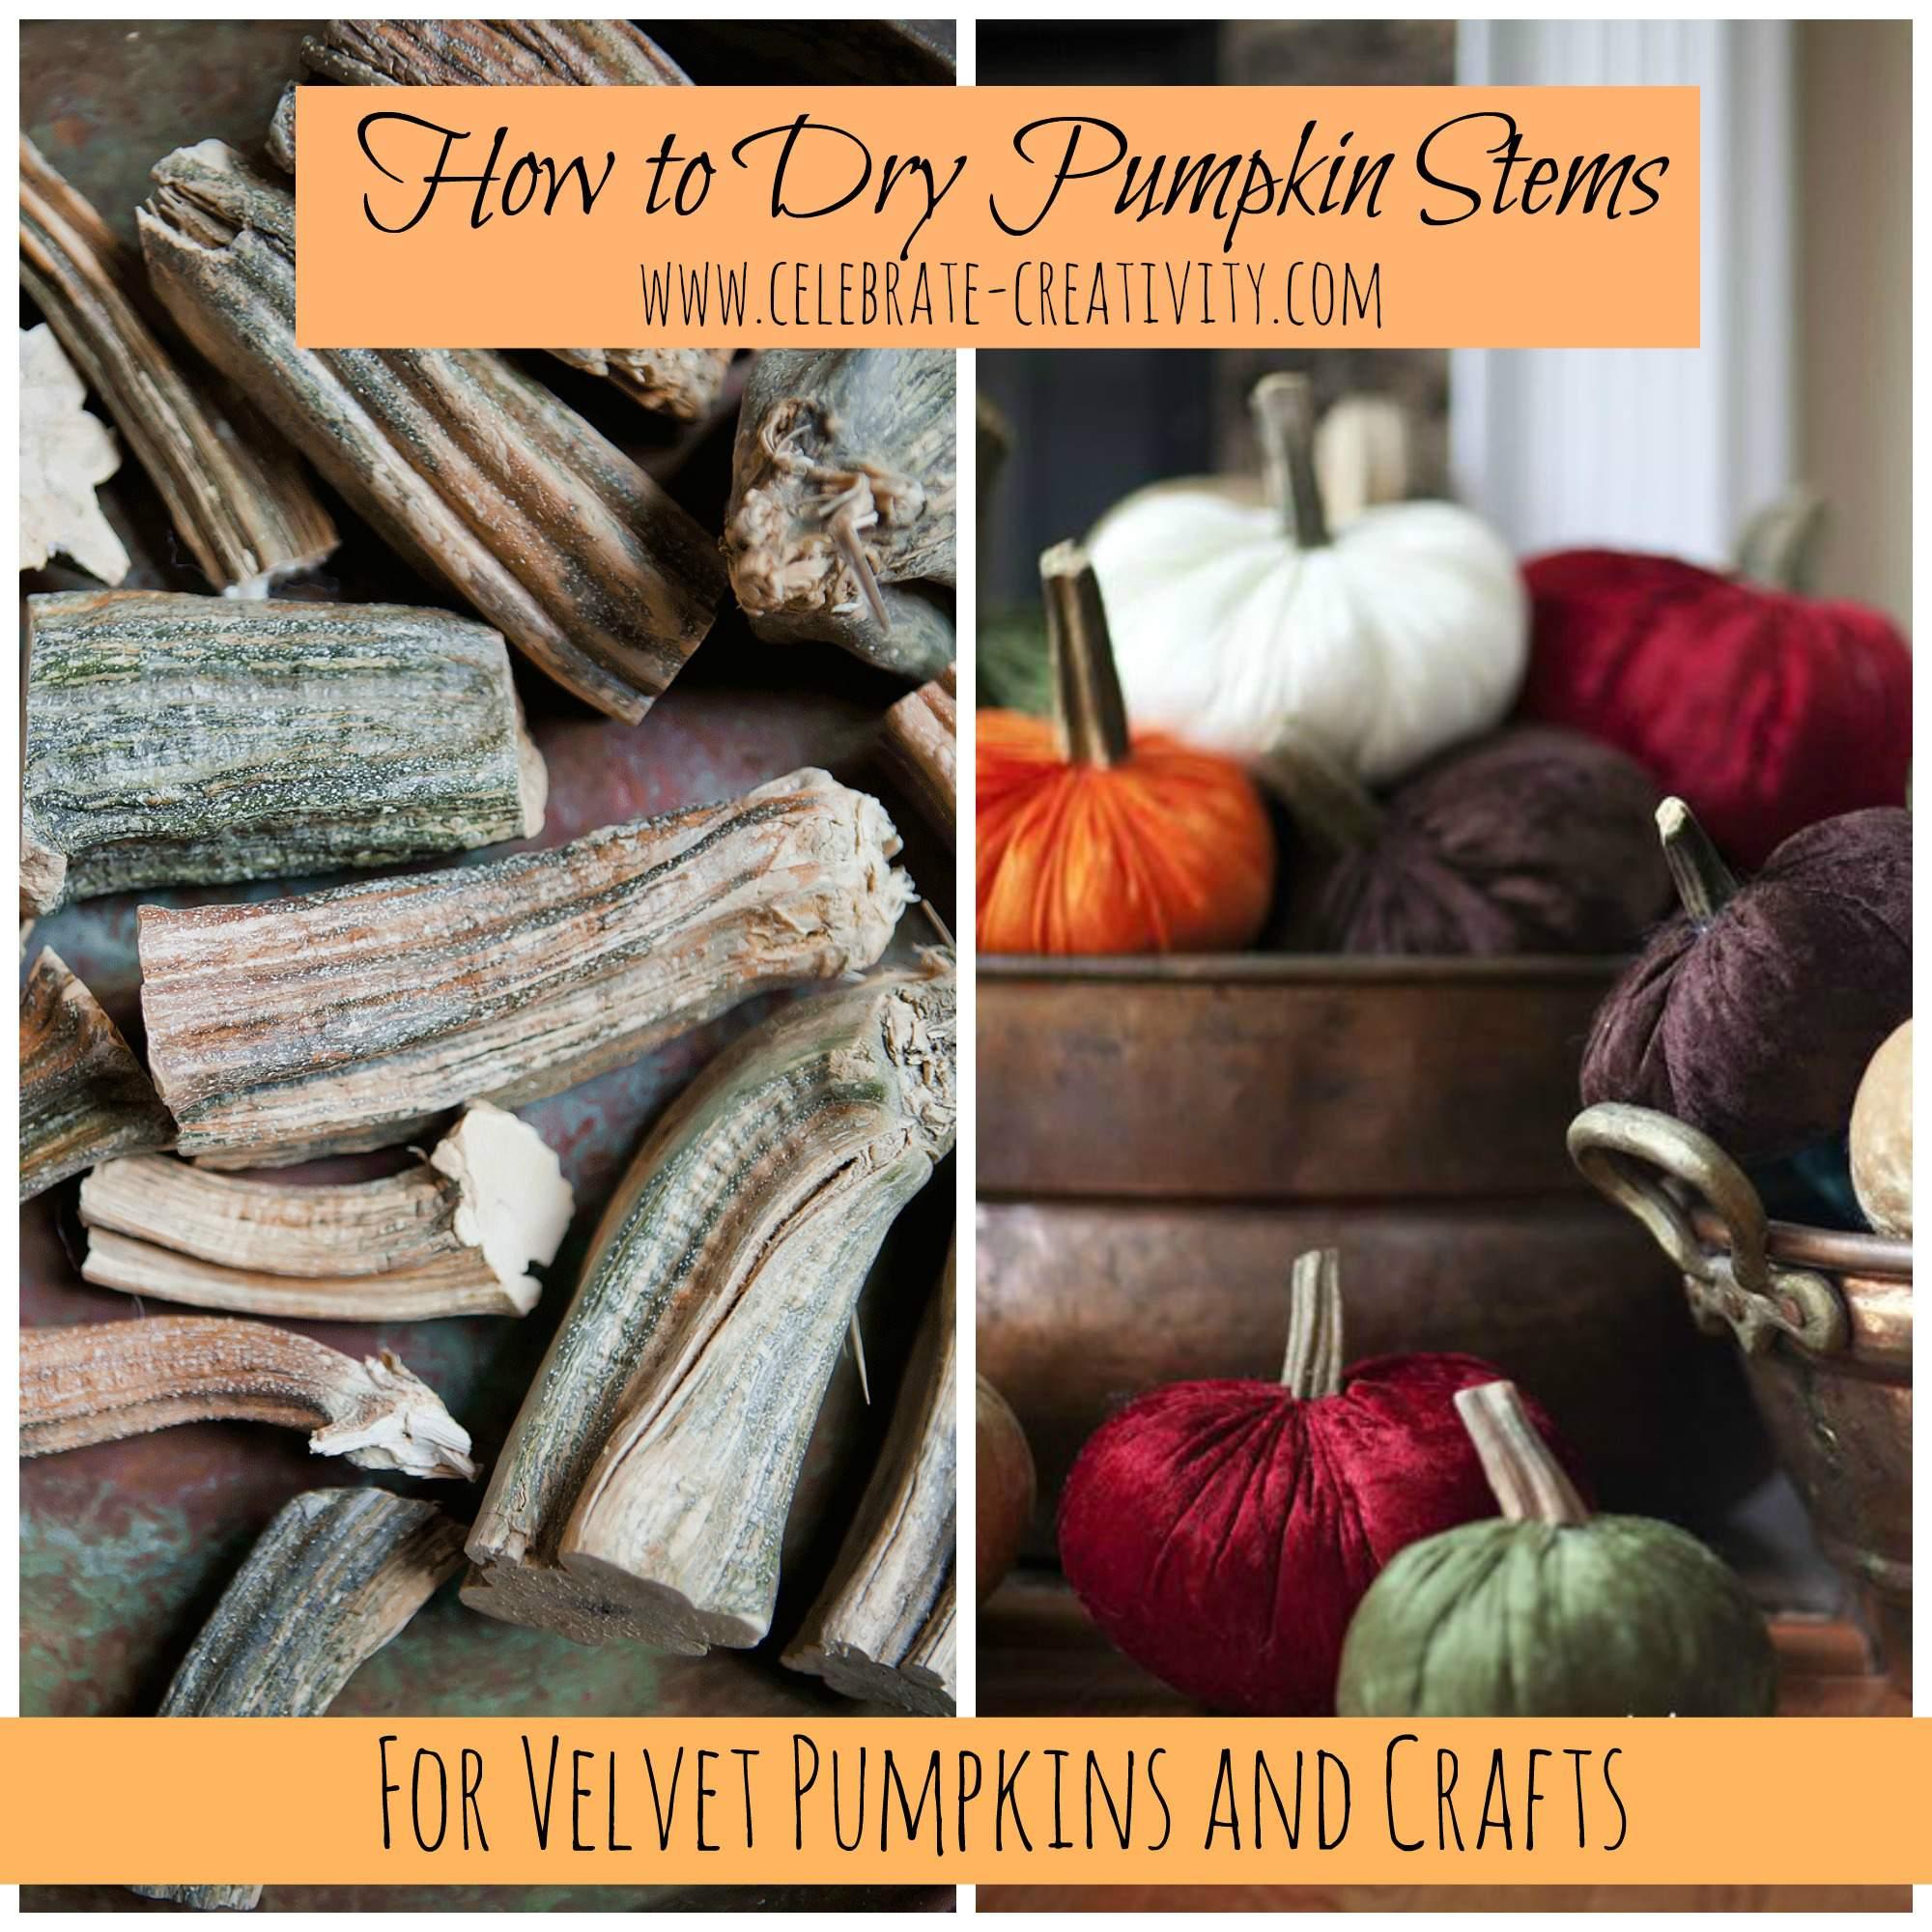 Pumpkin stems for crafts - Pumpkin Stems Bowl